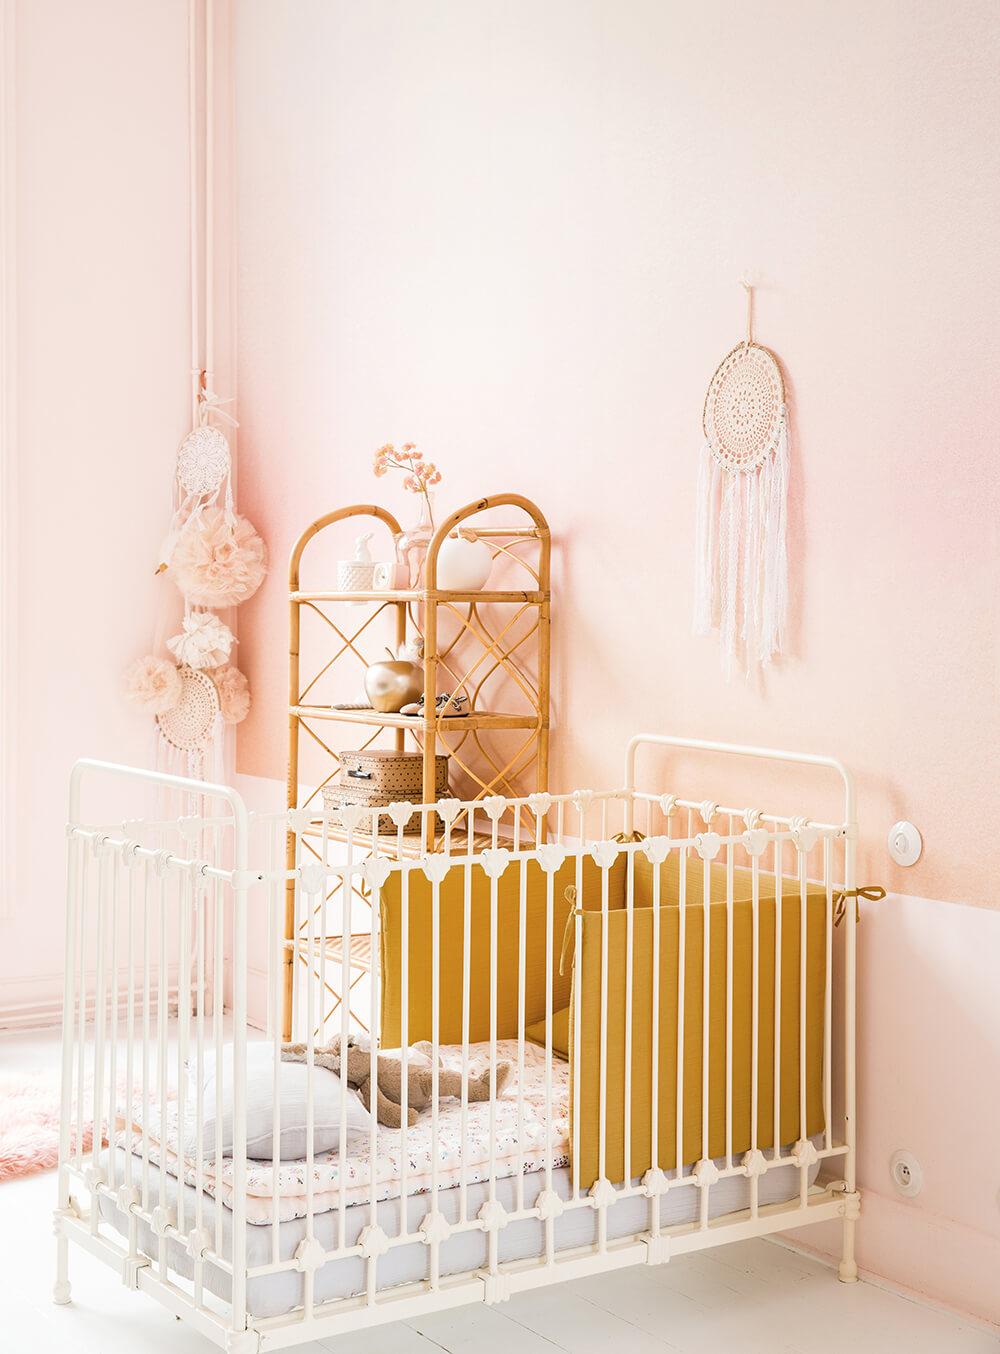 chambre enfant berceau mur rose pastel meuble rotin